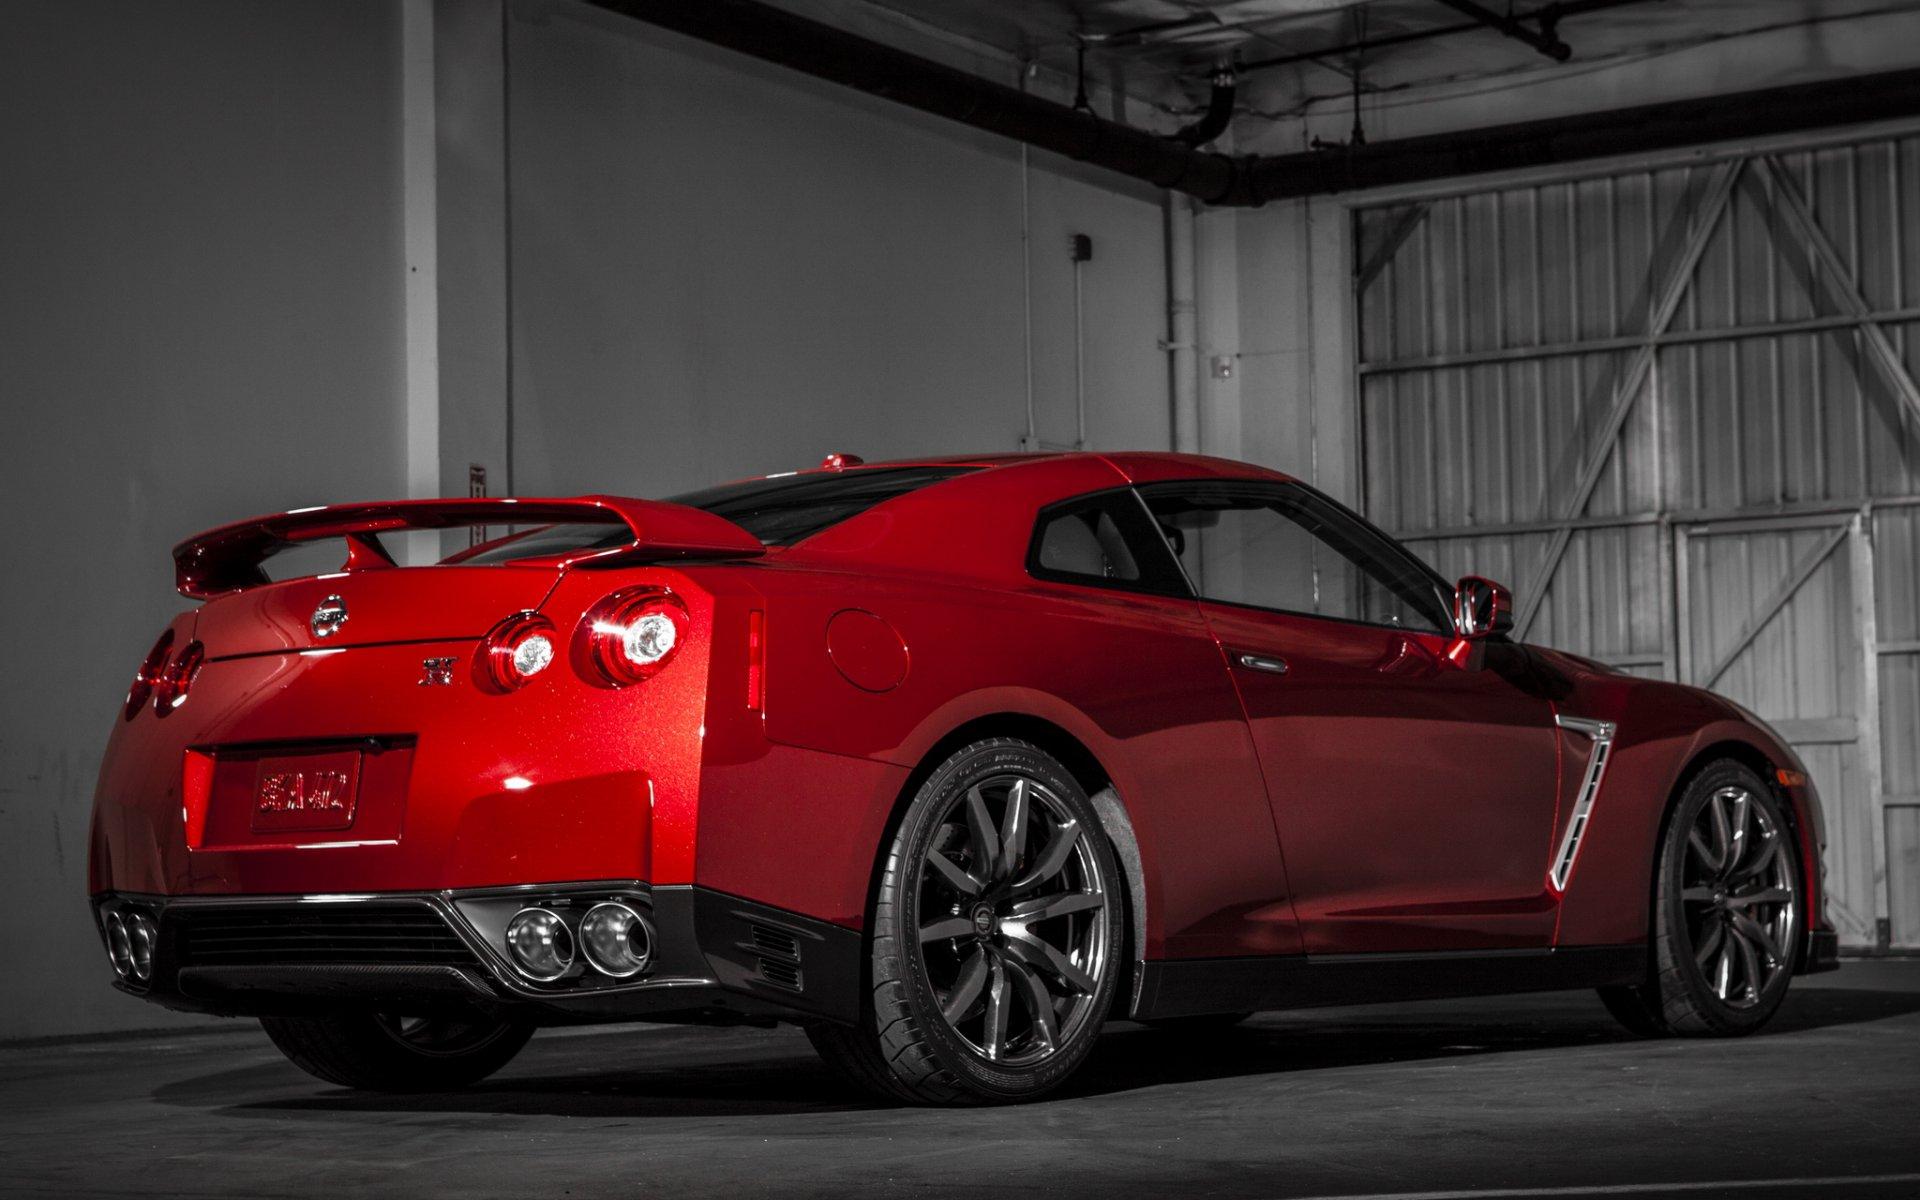 2014 Nissan GT R Sport Car Wallpaper   HD 1920x1200